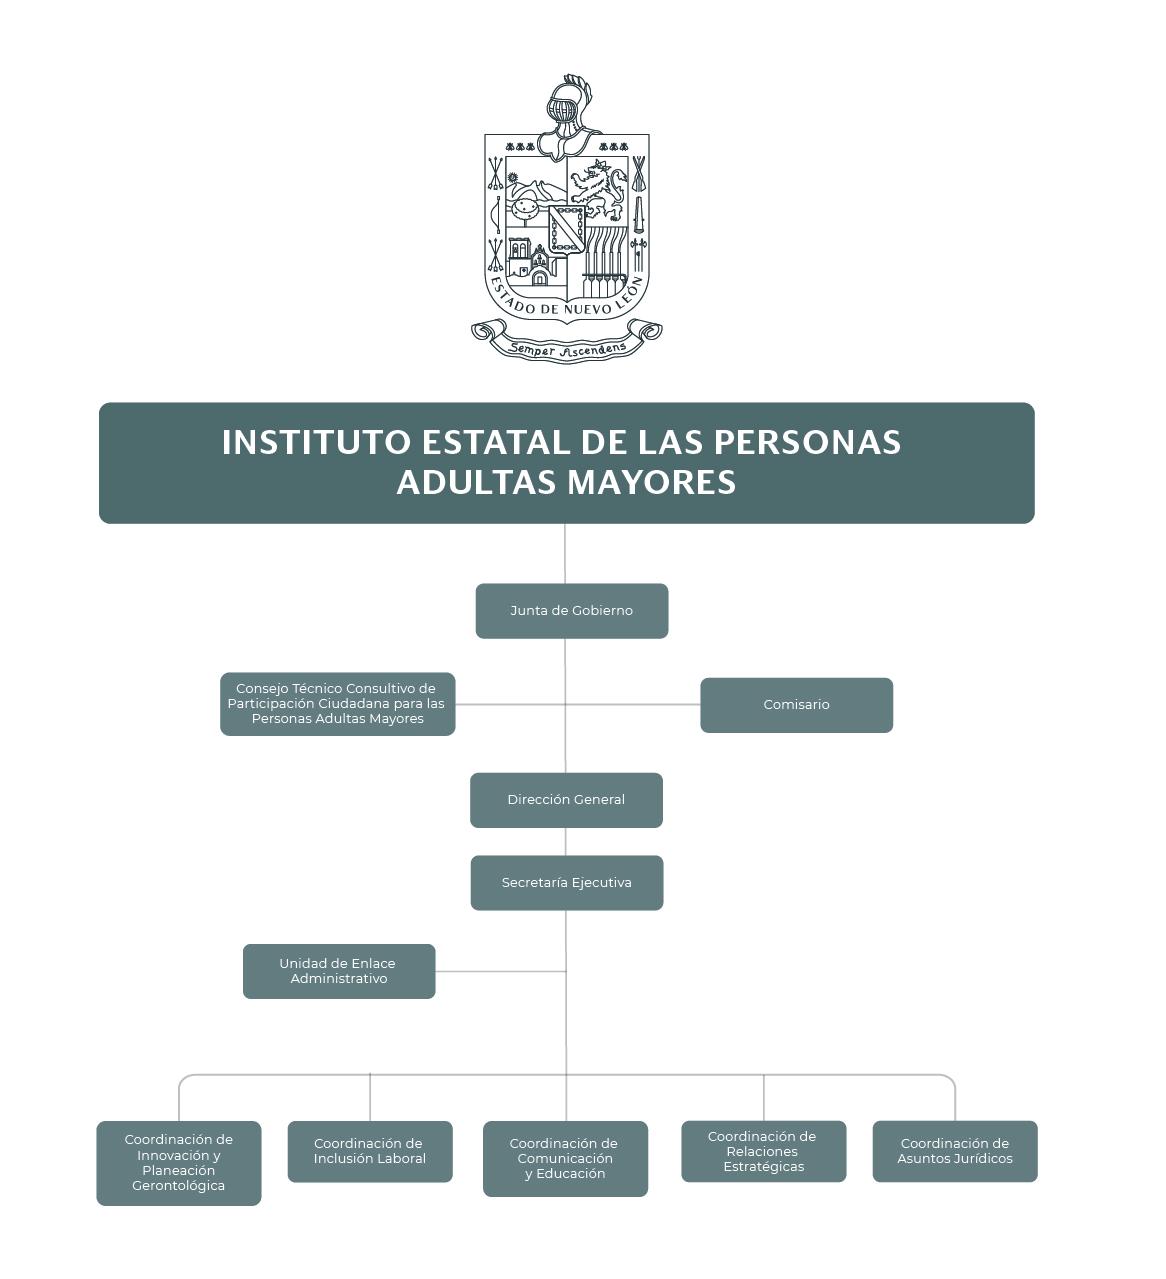 Organigrama del Instituto Estatal de las Personas Adultas Mayores